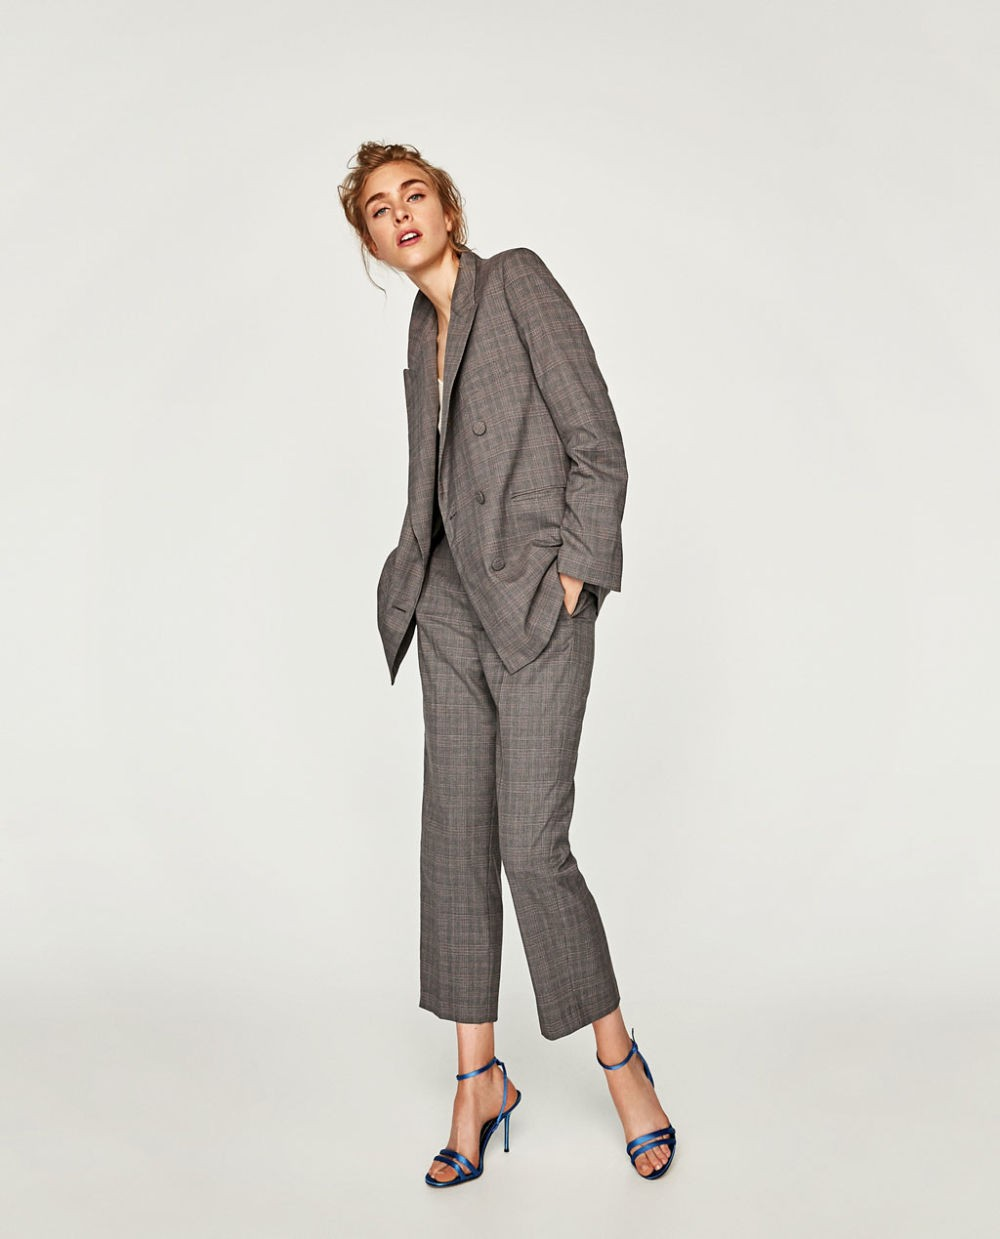 Тренды осень зима 2019: брючный костюм прямые брюки